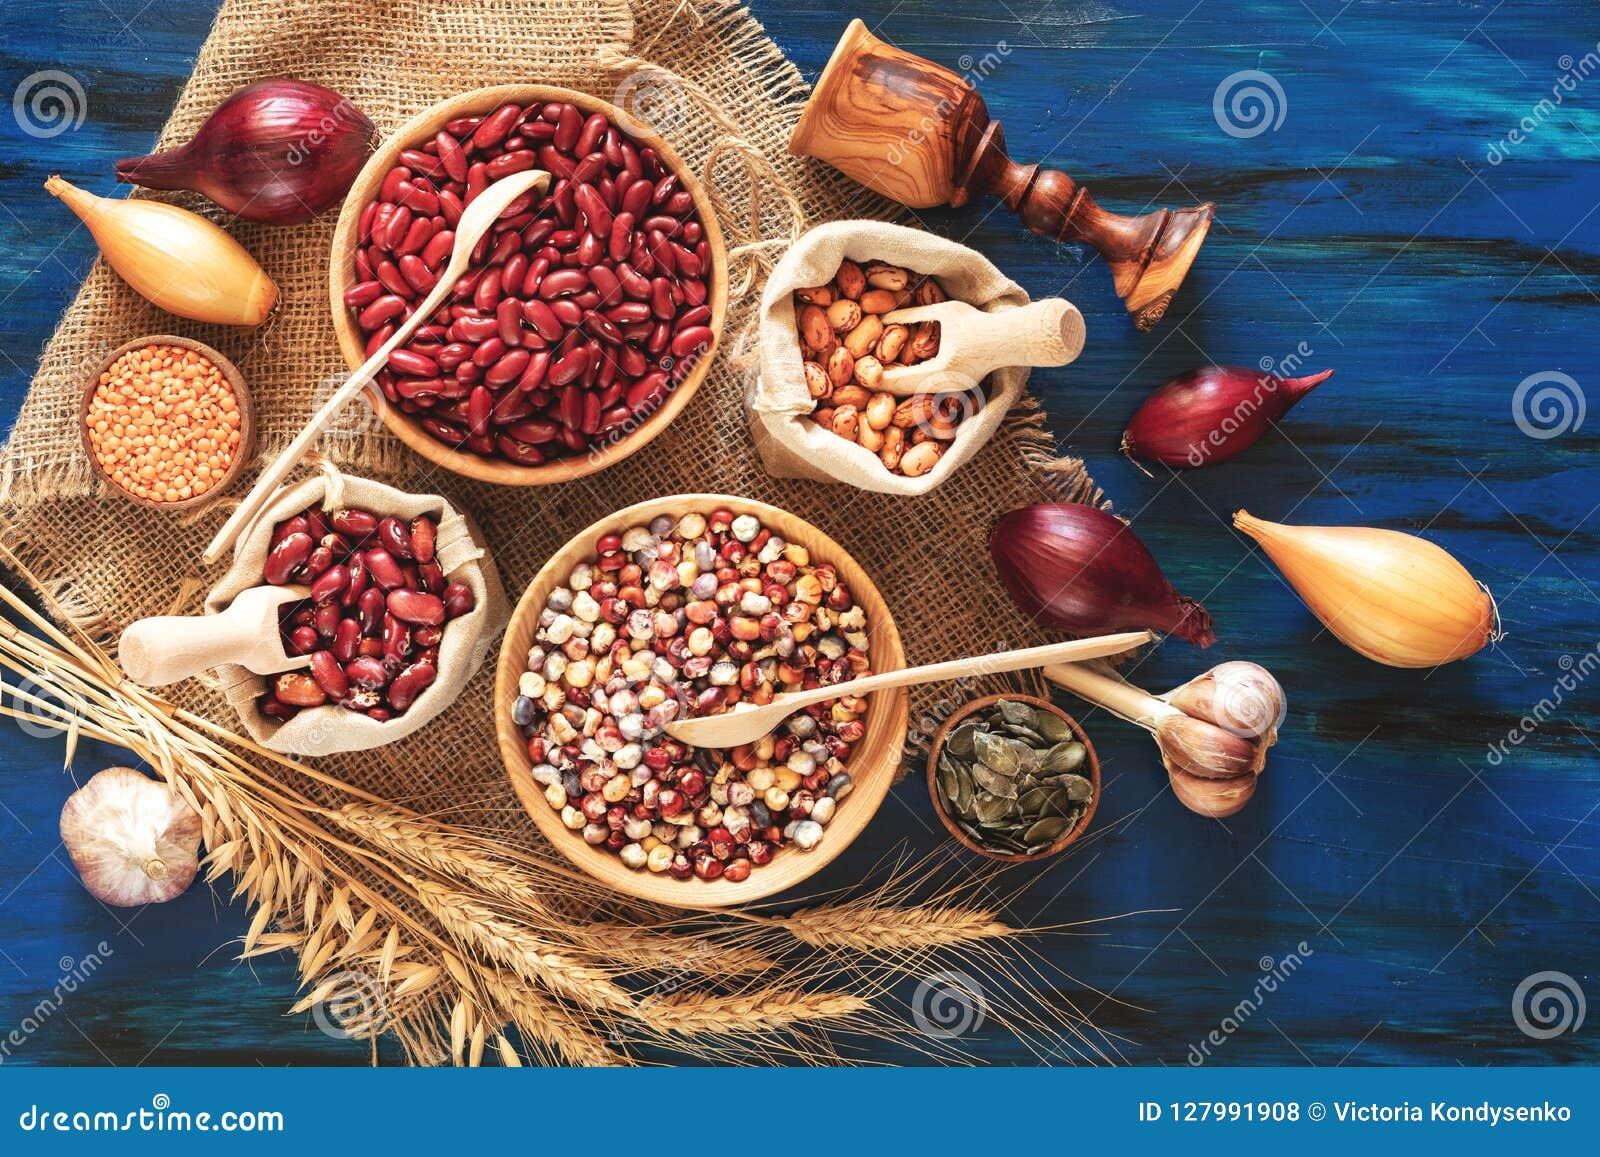 扁豆,印第安玉米,南瓜籽,扁豆的分类,